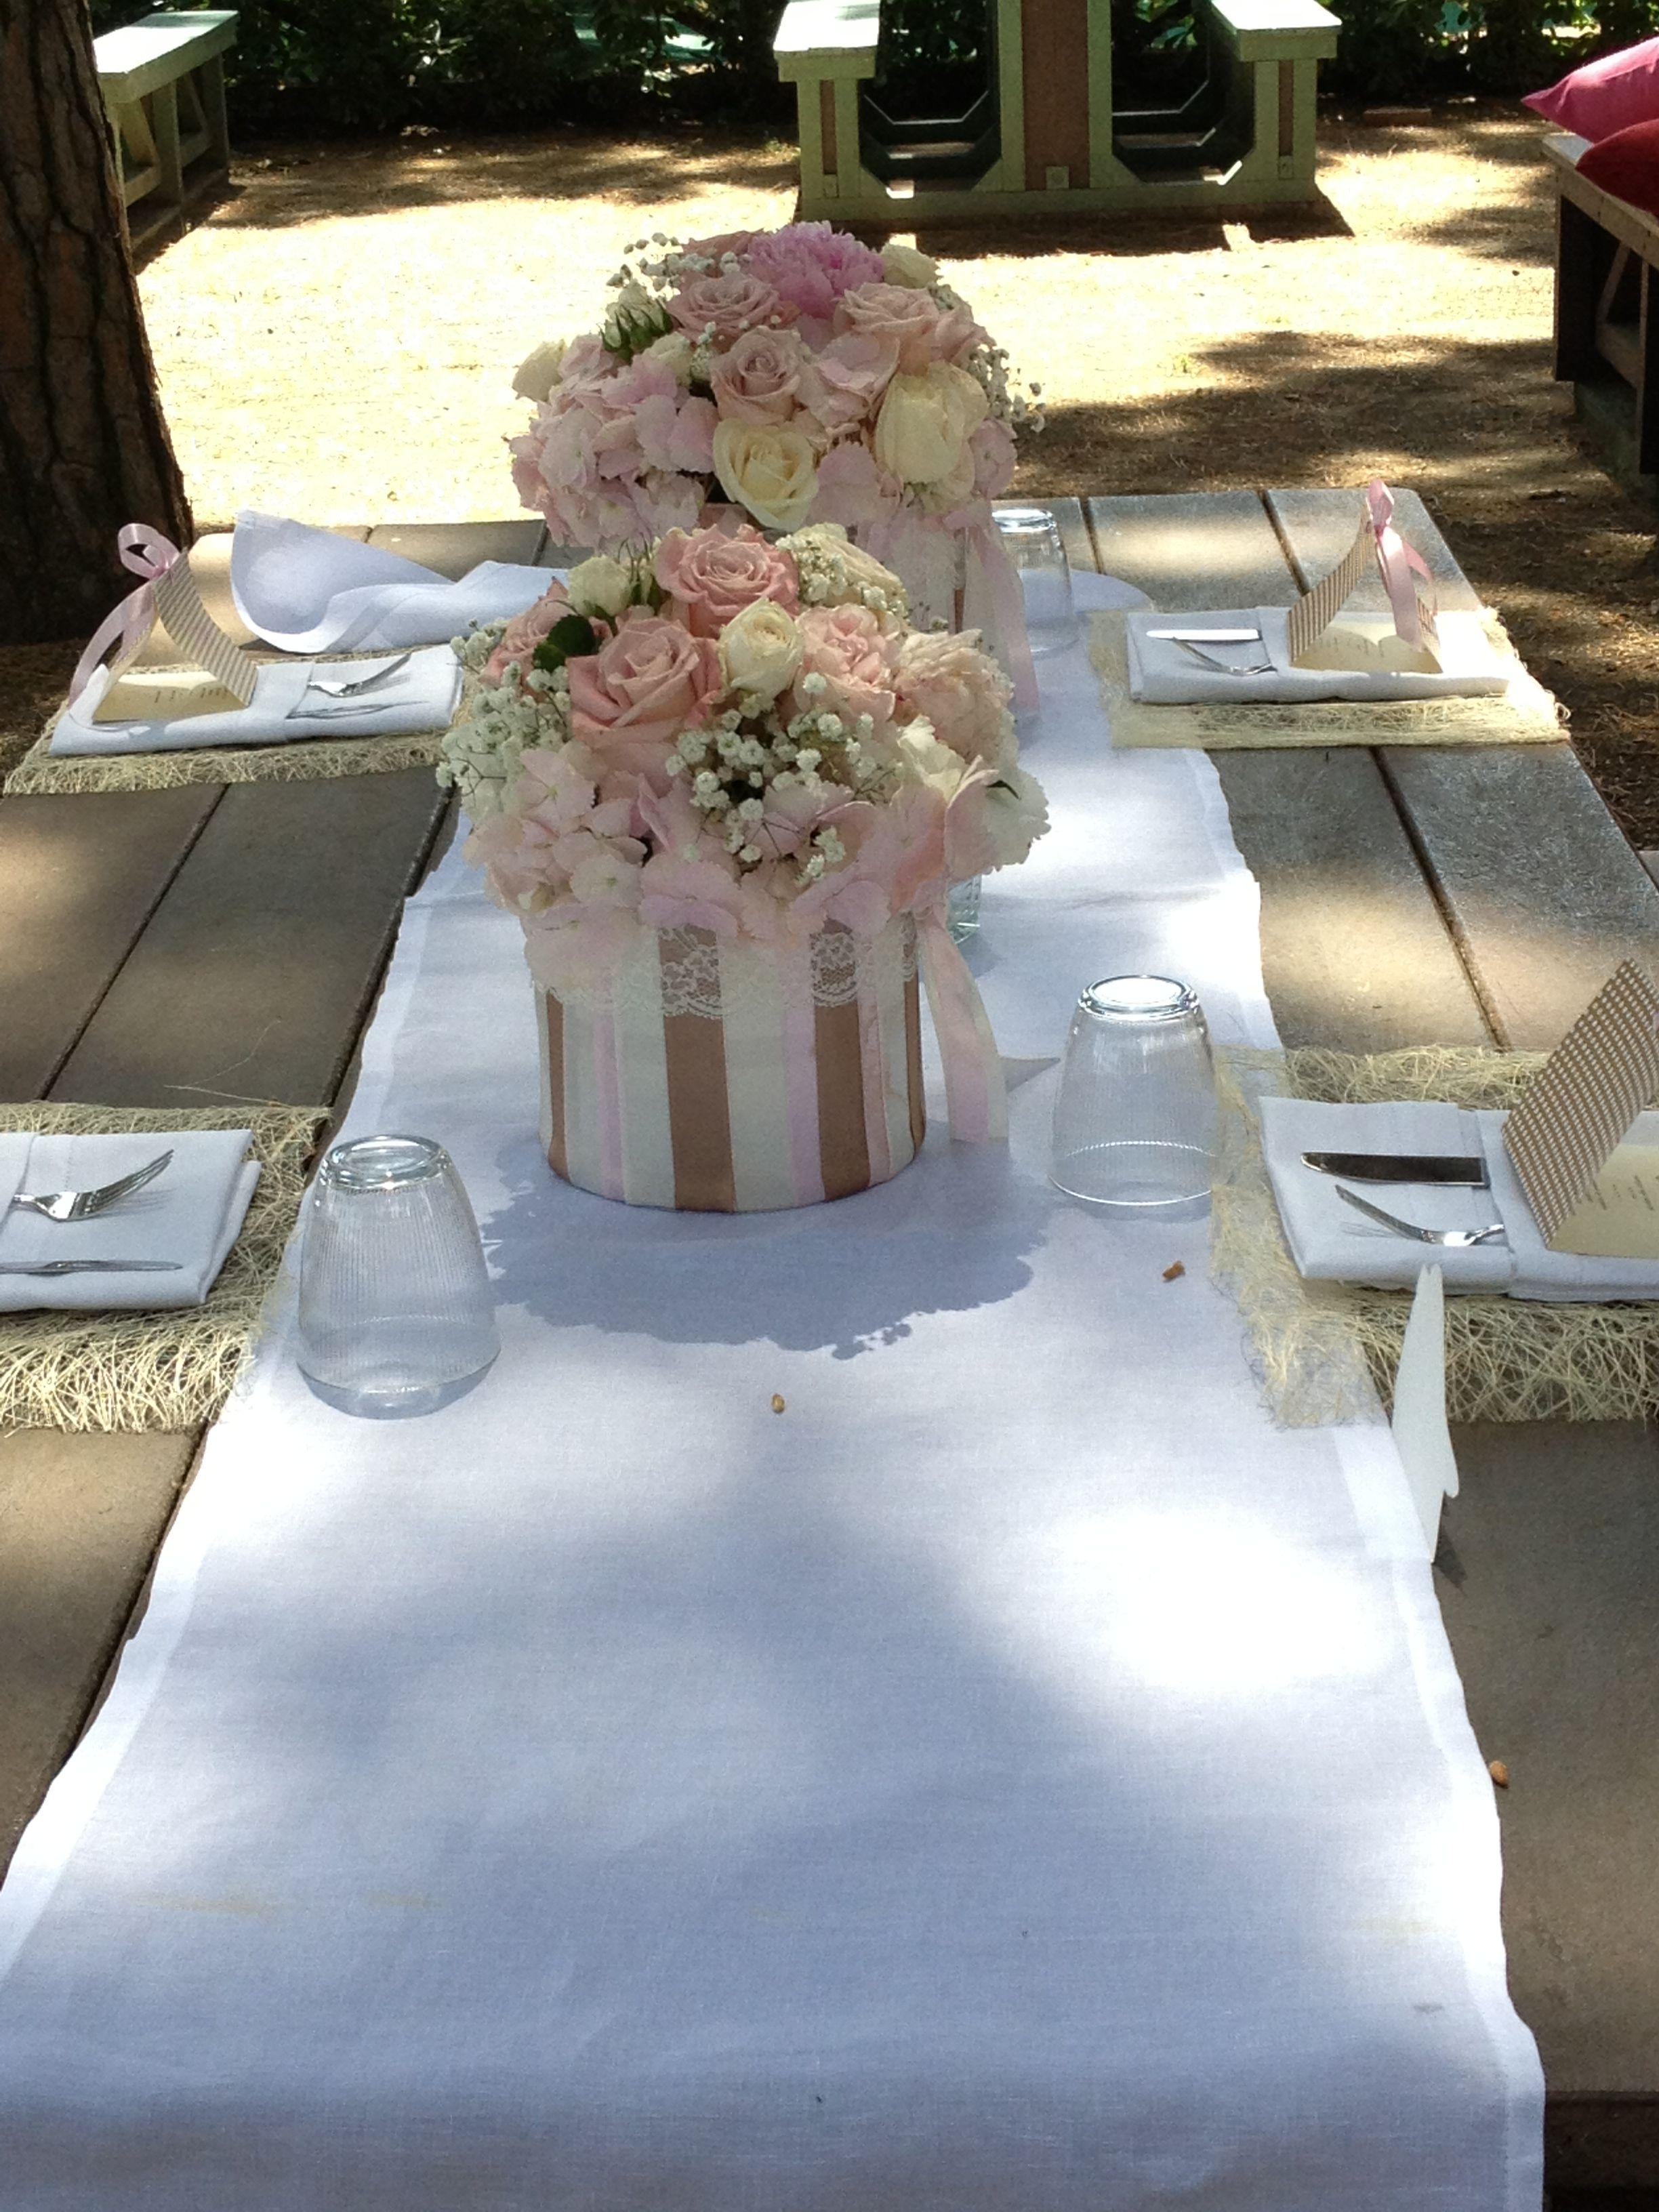 Allestimento prima comunione feste a tema per bambini - Tavolo per prima comunione ...